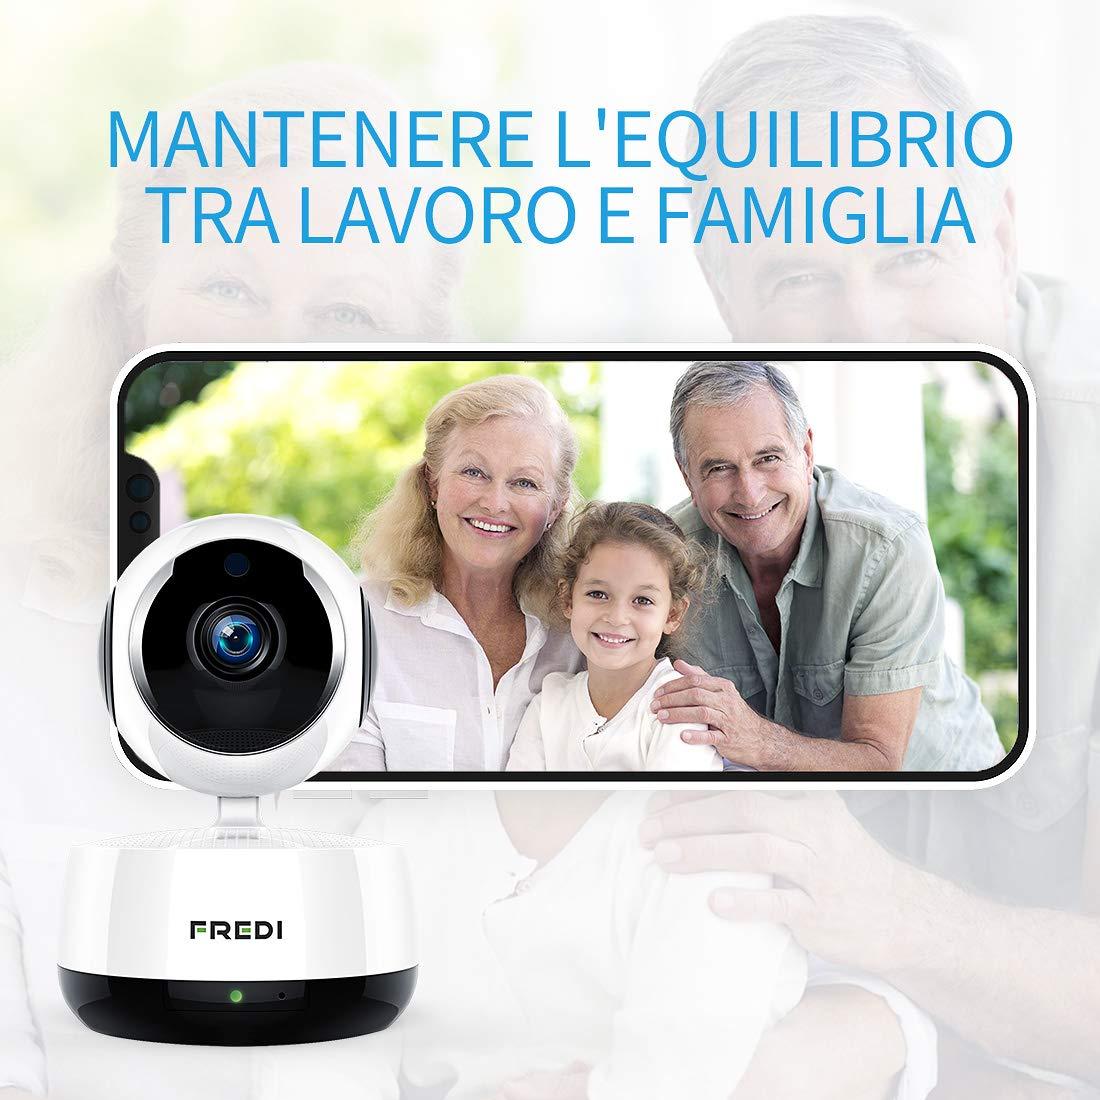 FREDI 1080P IP Telecamera di Sorveglianza Wifi Wireless Camera Interno Telecamera wi-fi senza fill con Controllo Remoto, Audio Bidirezionale, Modalità Notturna a Infrarossi Videocamera di sorveglianza Camera Compatibile con iOS Android PC (